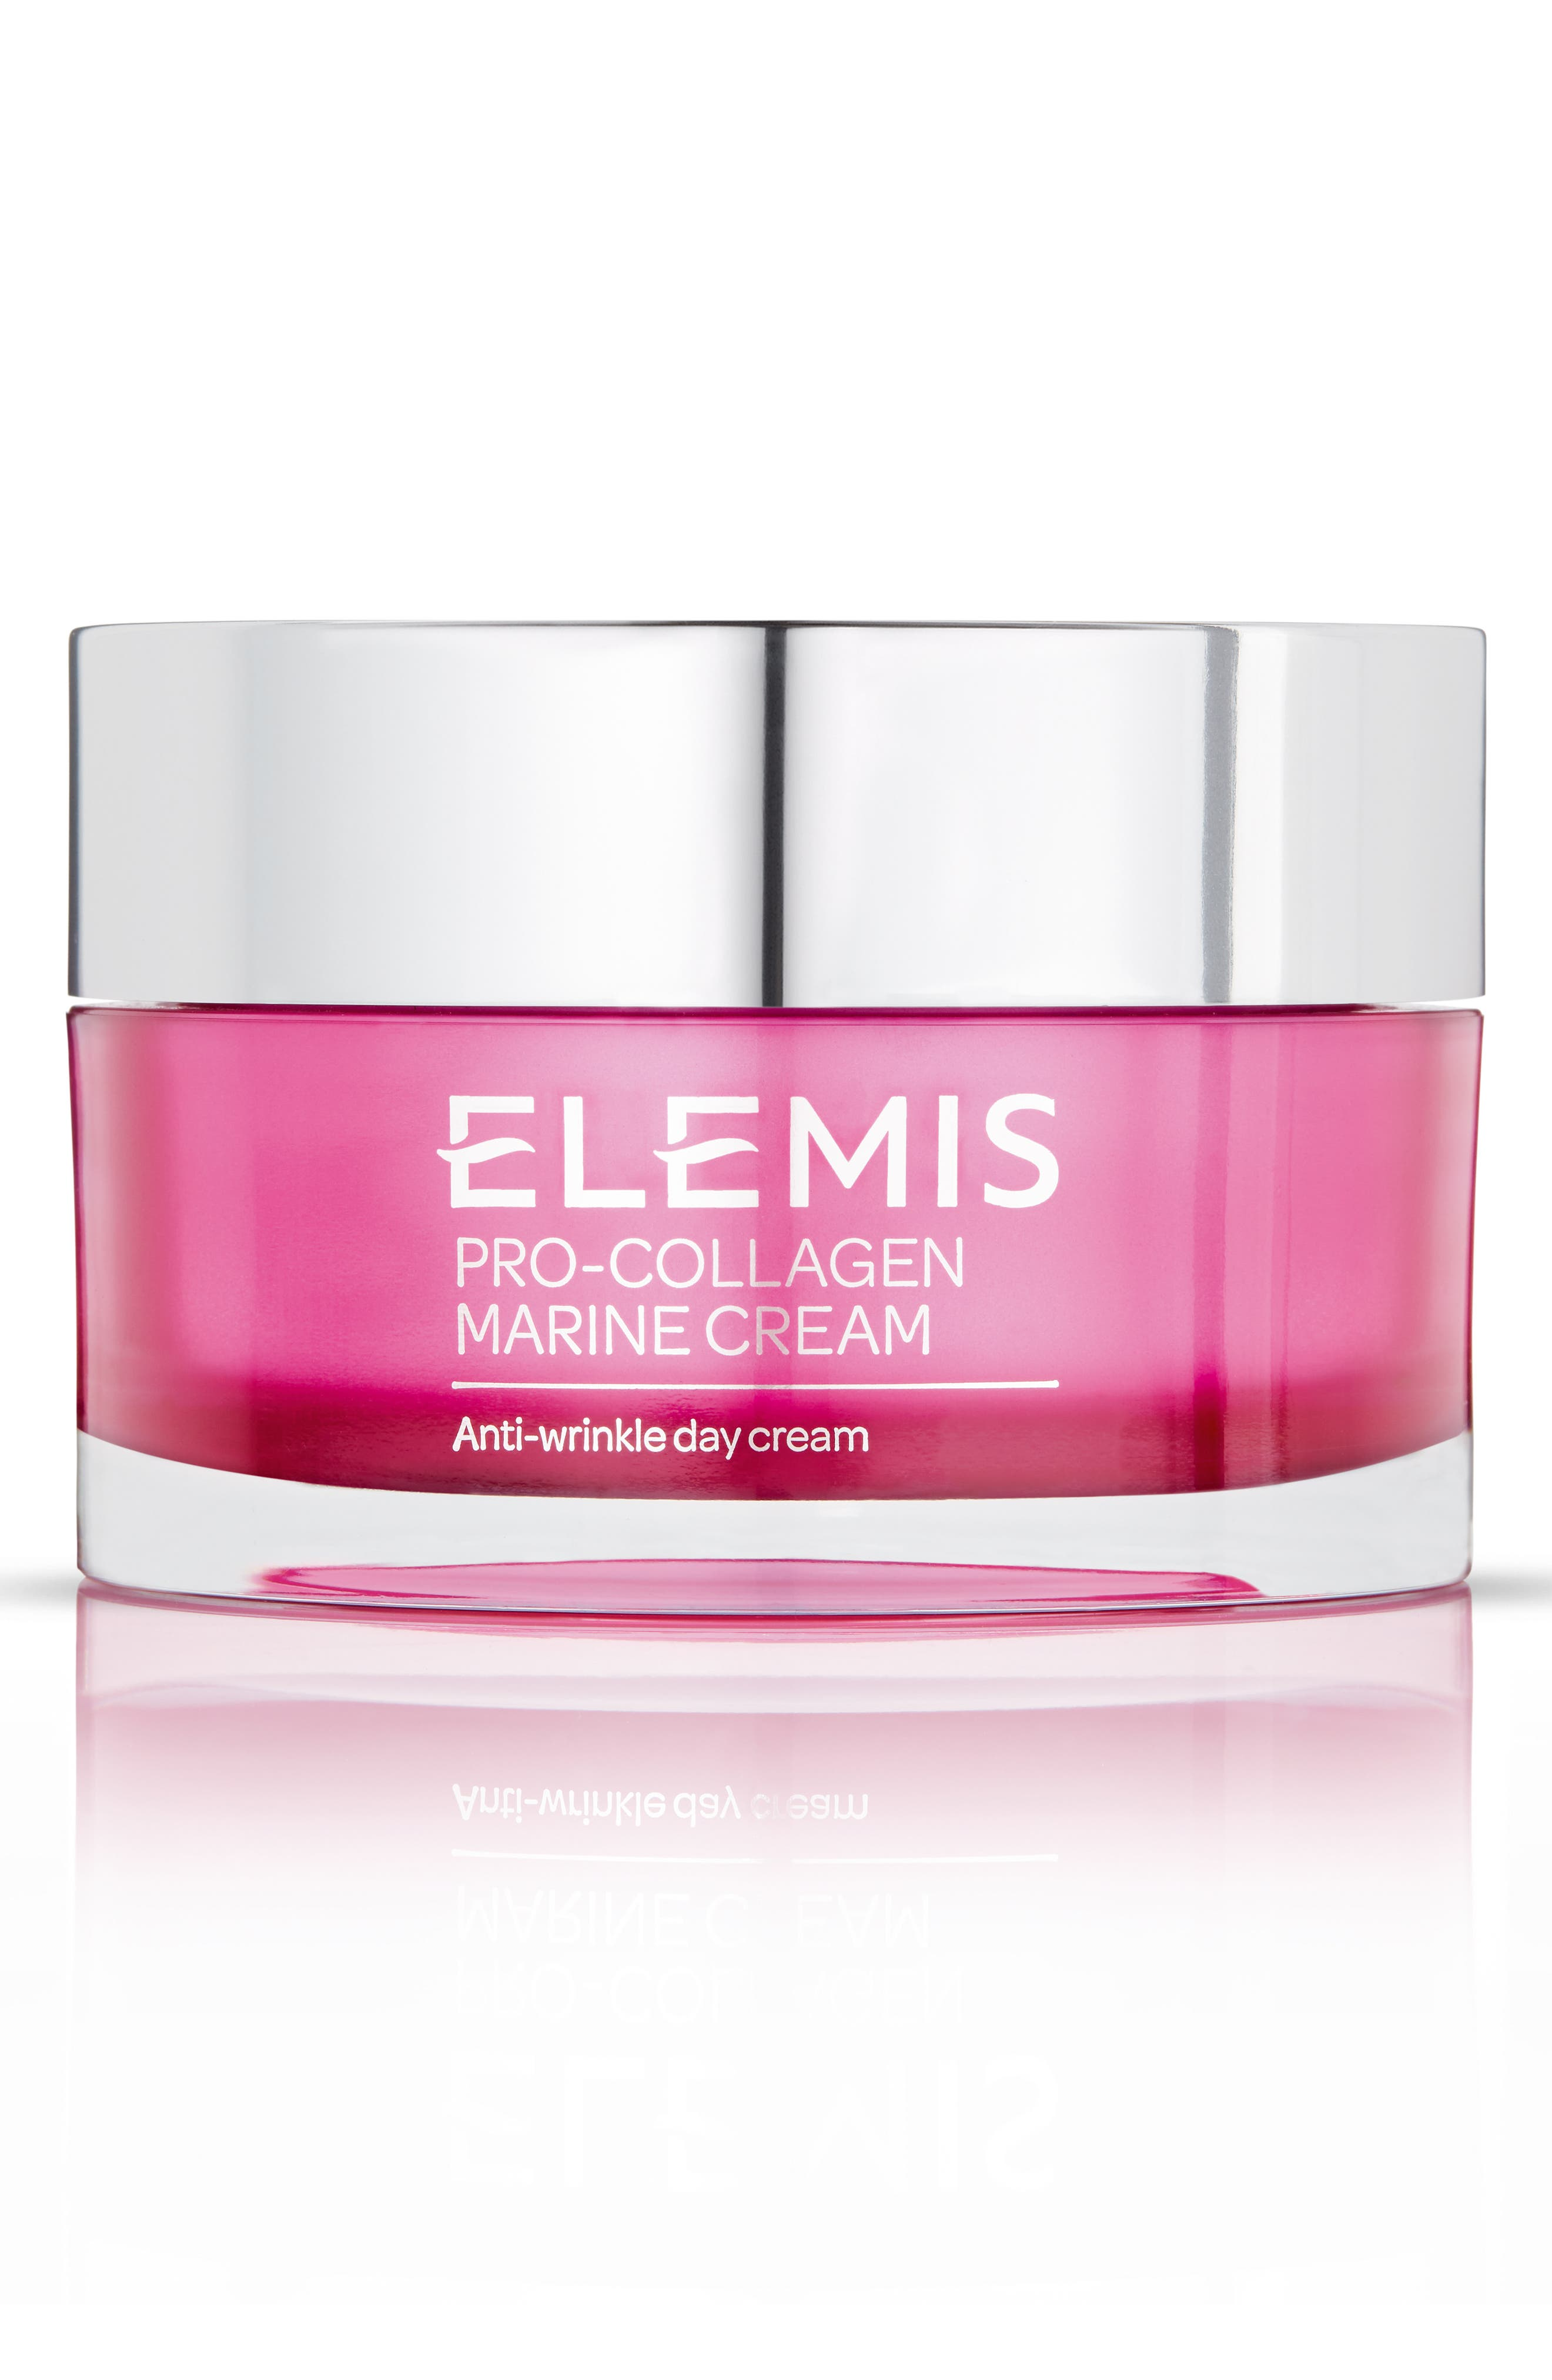 Elemis Breast Cancer Care Awareness Pro-Collagen Marine Cream ($225 Value)